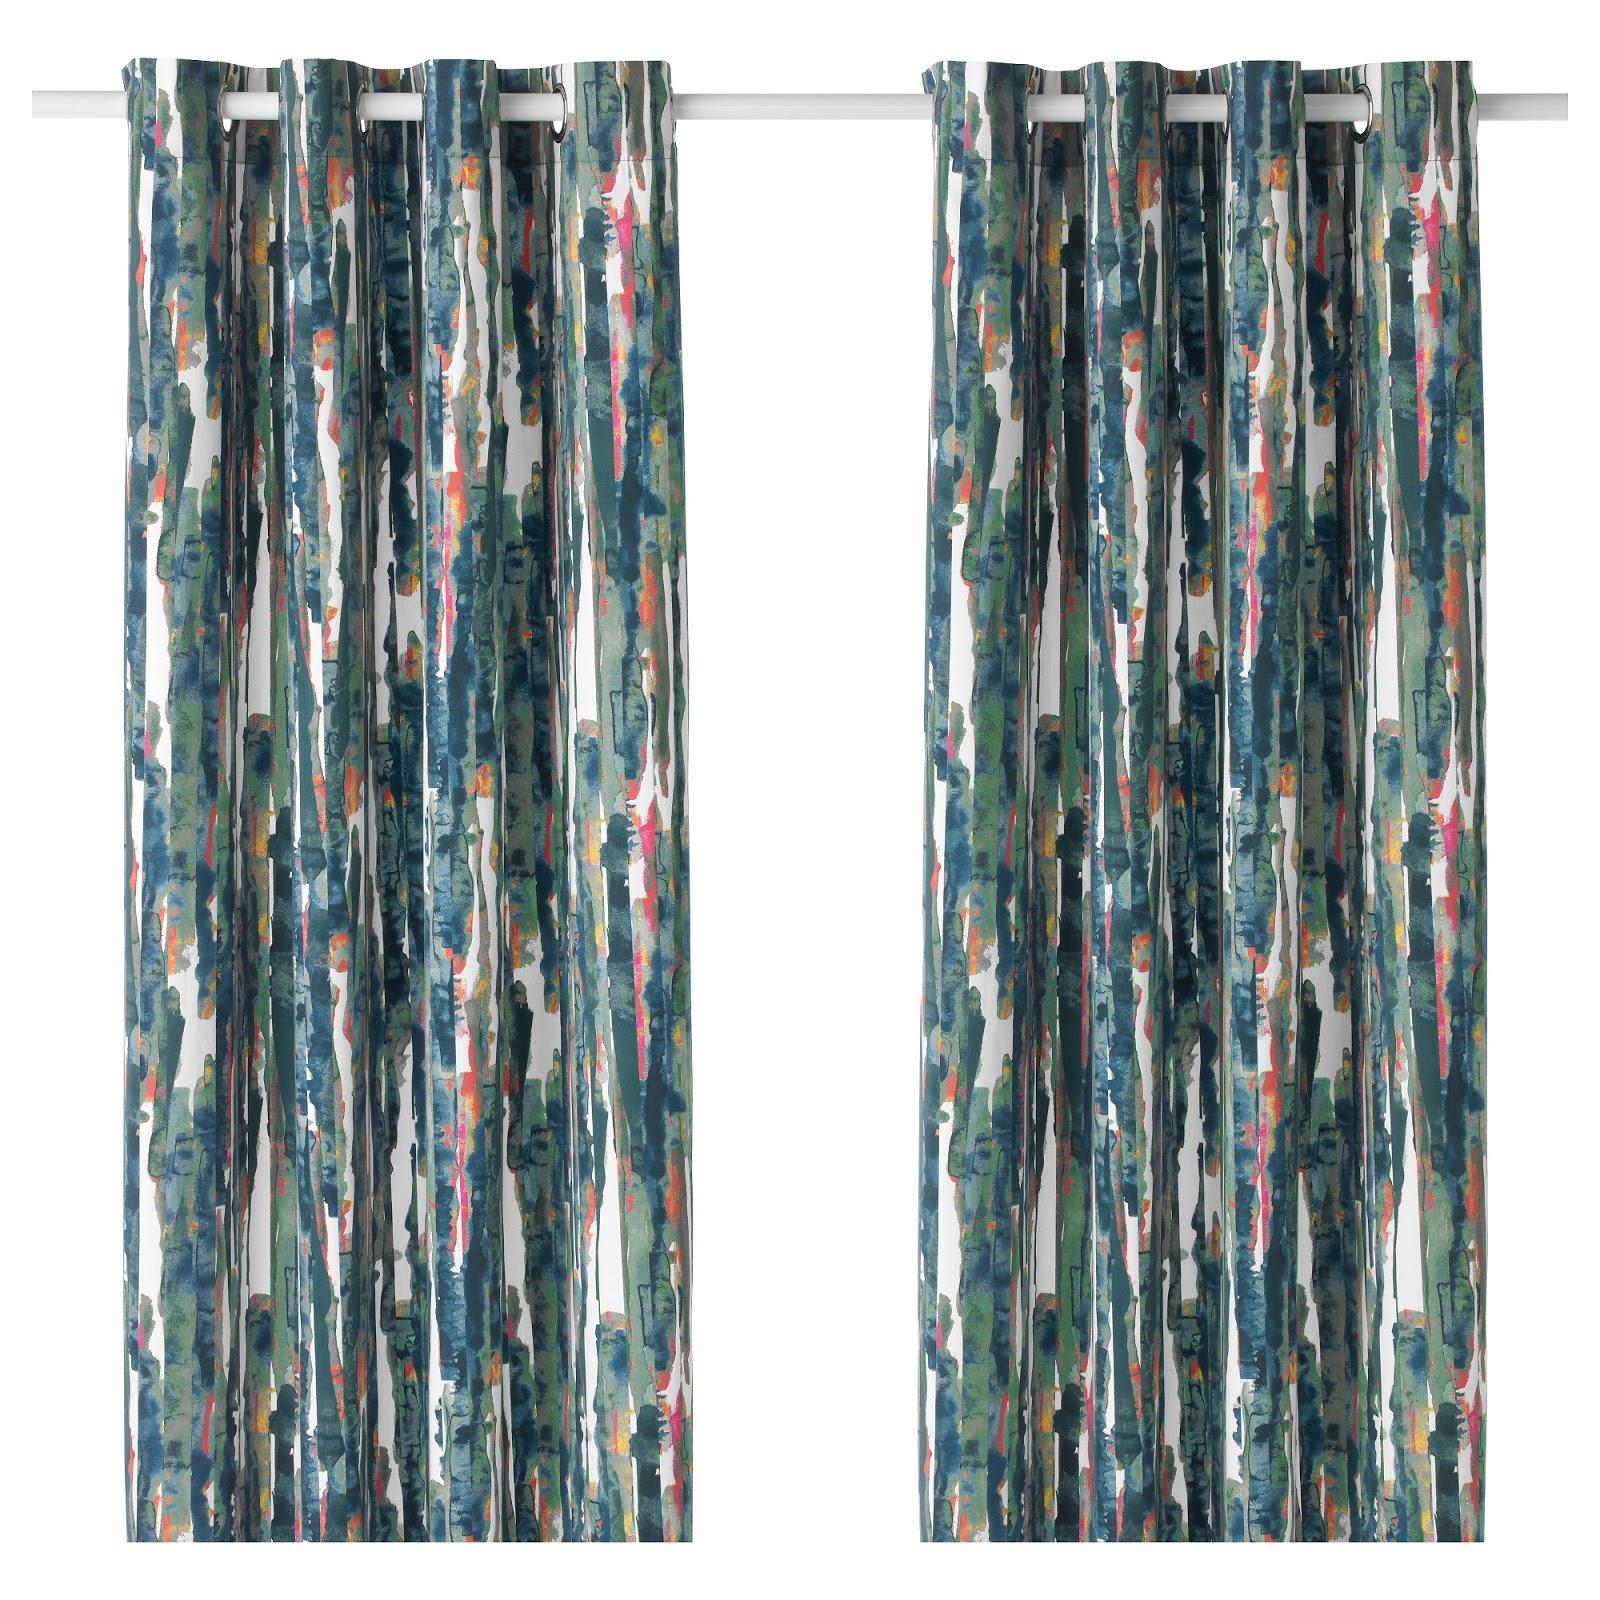 Eclipsecurtains Econermine Curtains Egyptian Eivor Elbow Curtain Rod